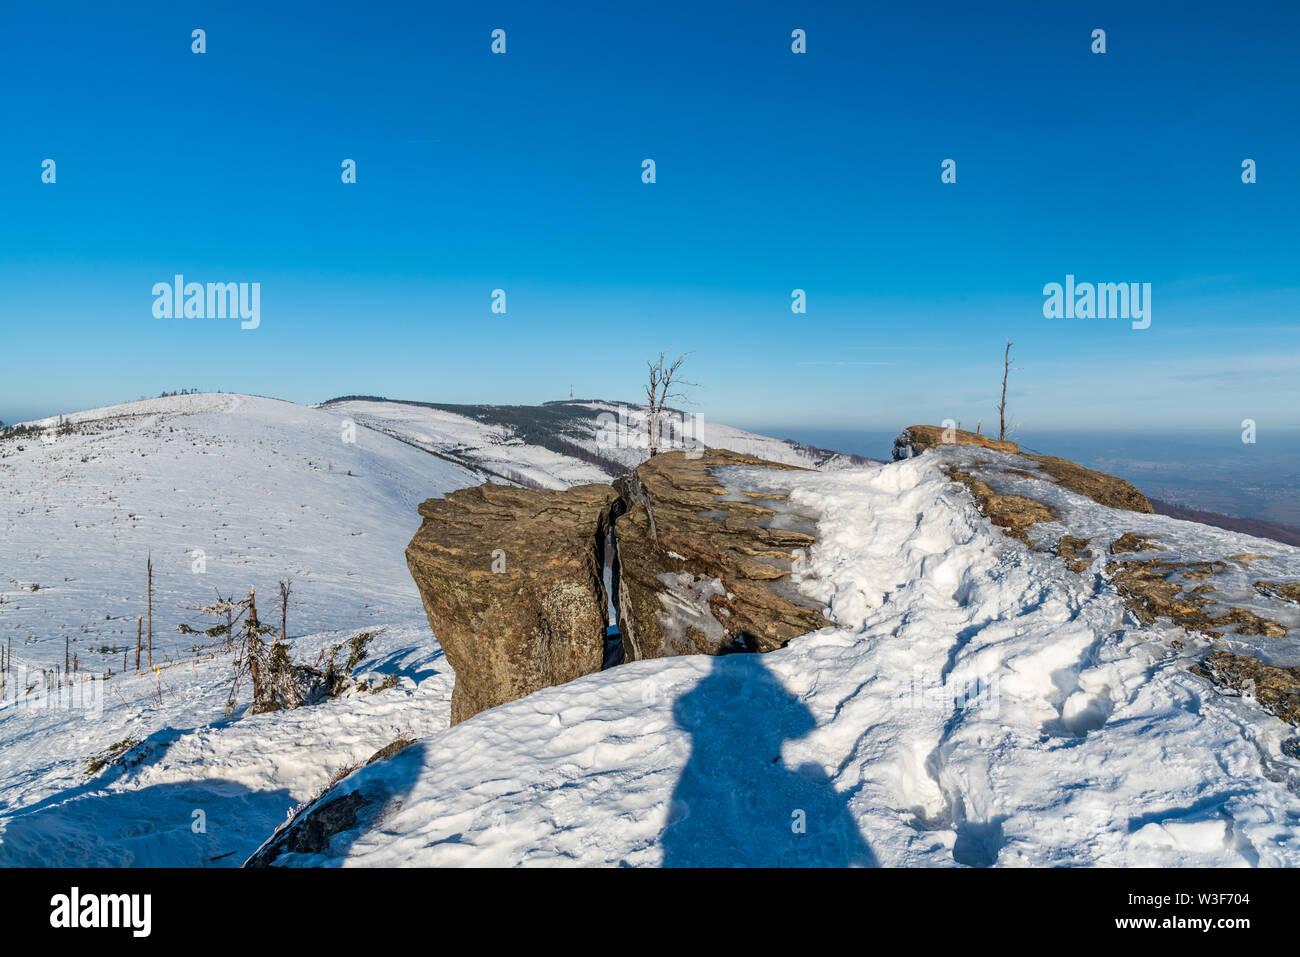 Felsbrocken auf Malinowska Skala Hügel mit Skrzyzne Hügel auf dem Hintergrund in Beskid Slaski bergen in Polen während des wnter Tag mit klaren Himmel Stockbild